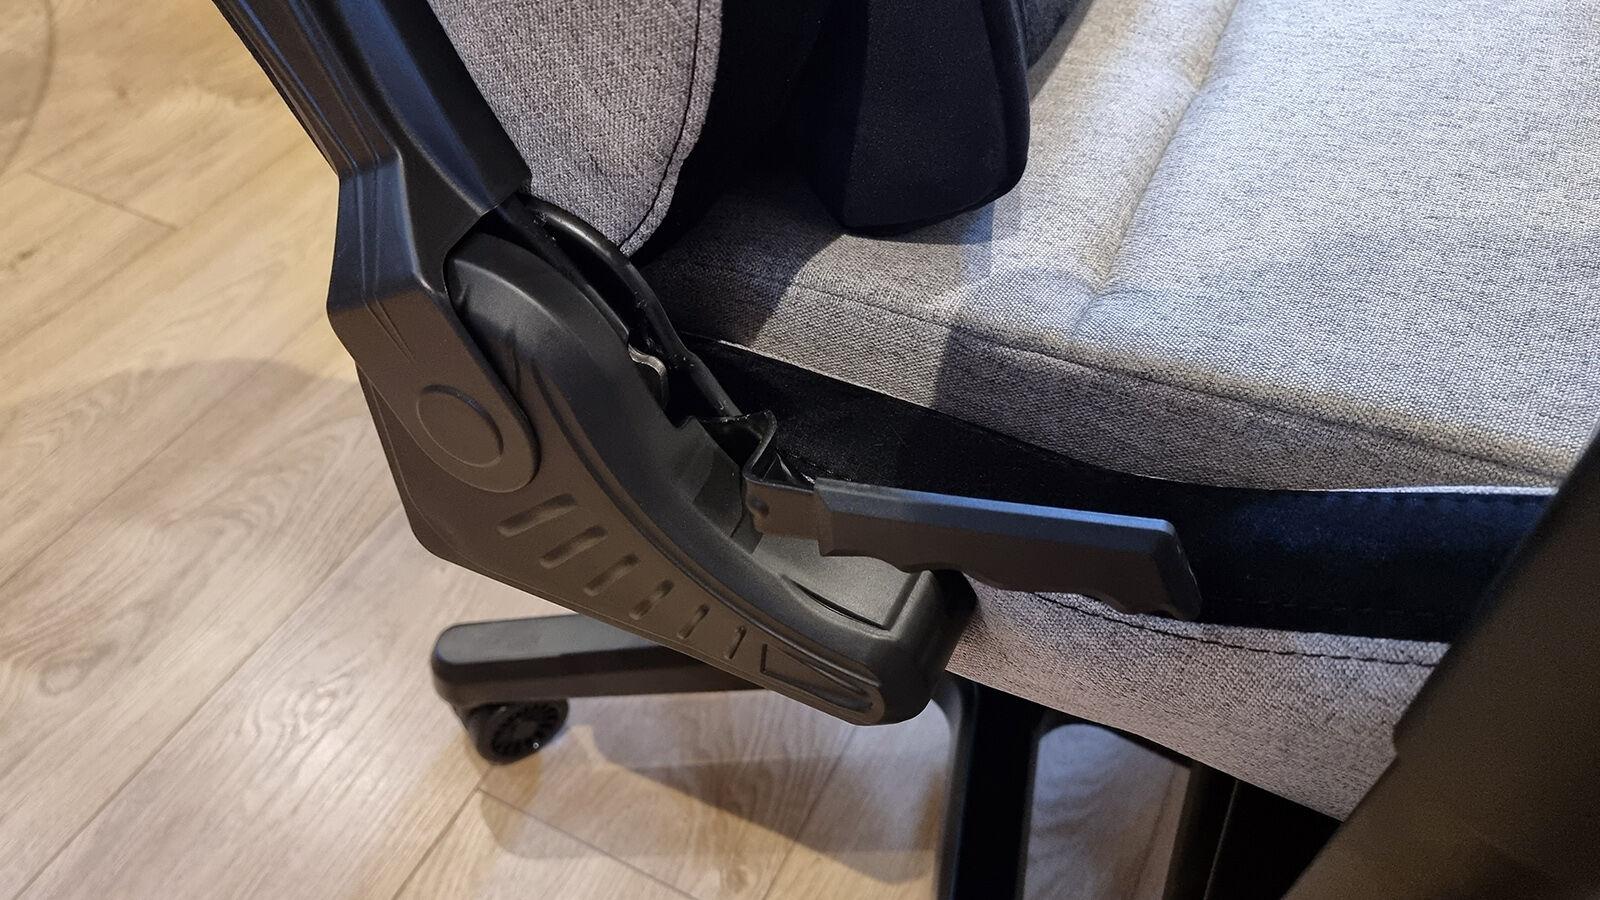 AndaSeat T Pro 2 recline mechanism